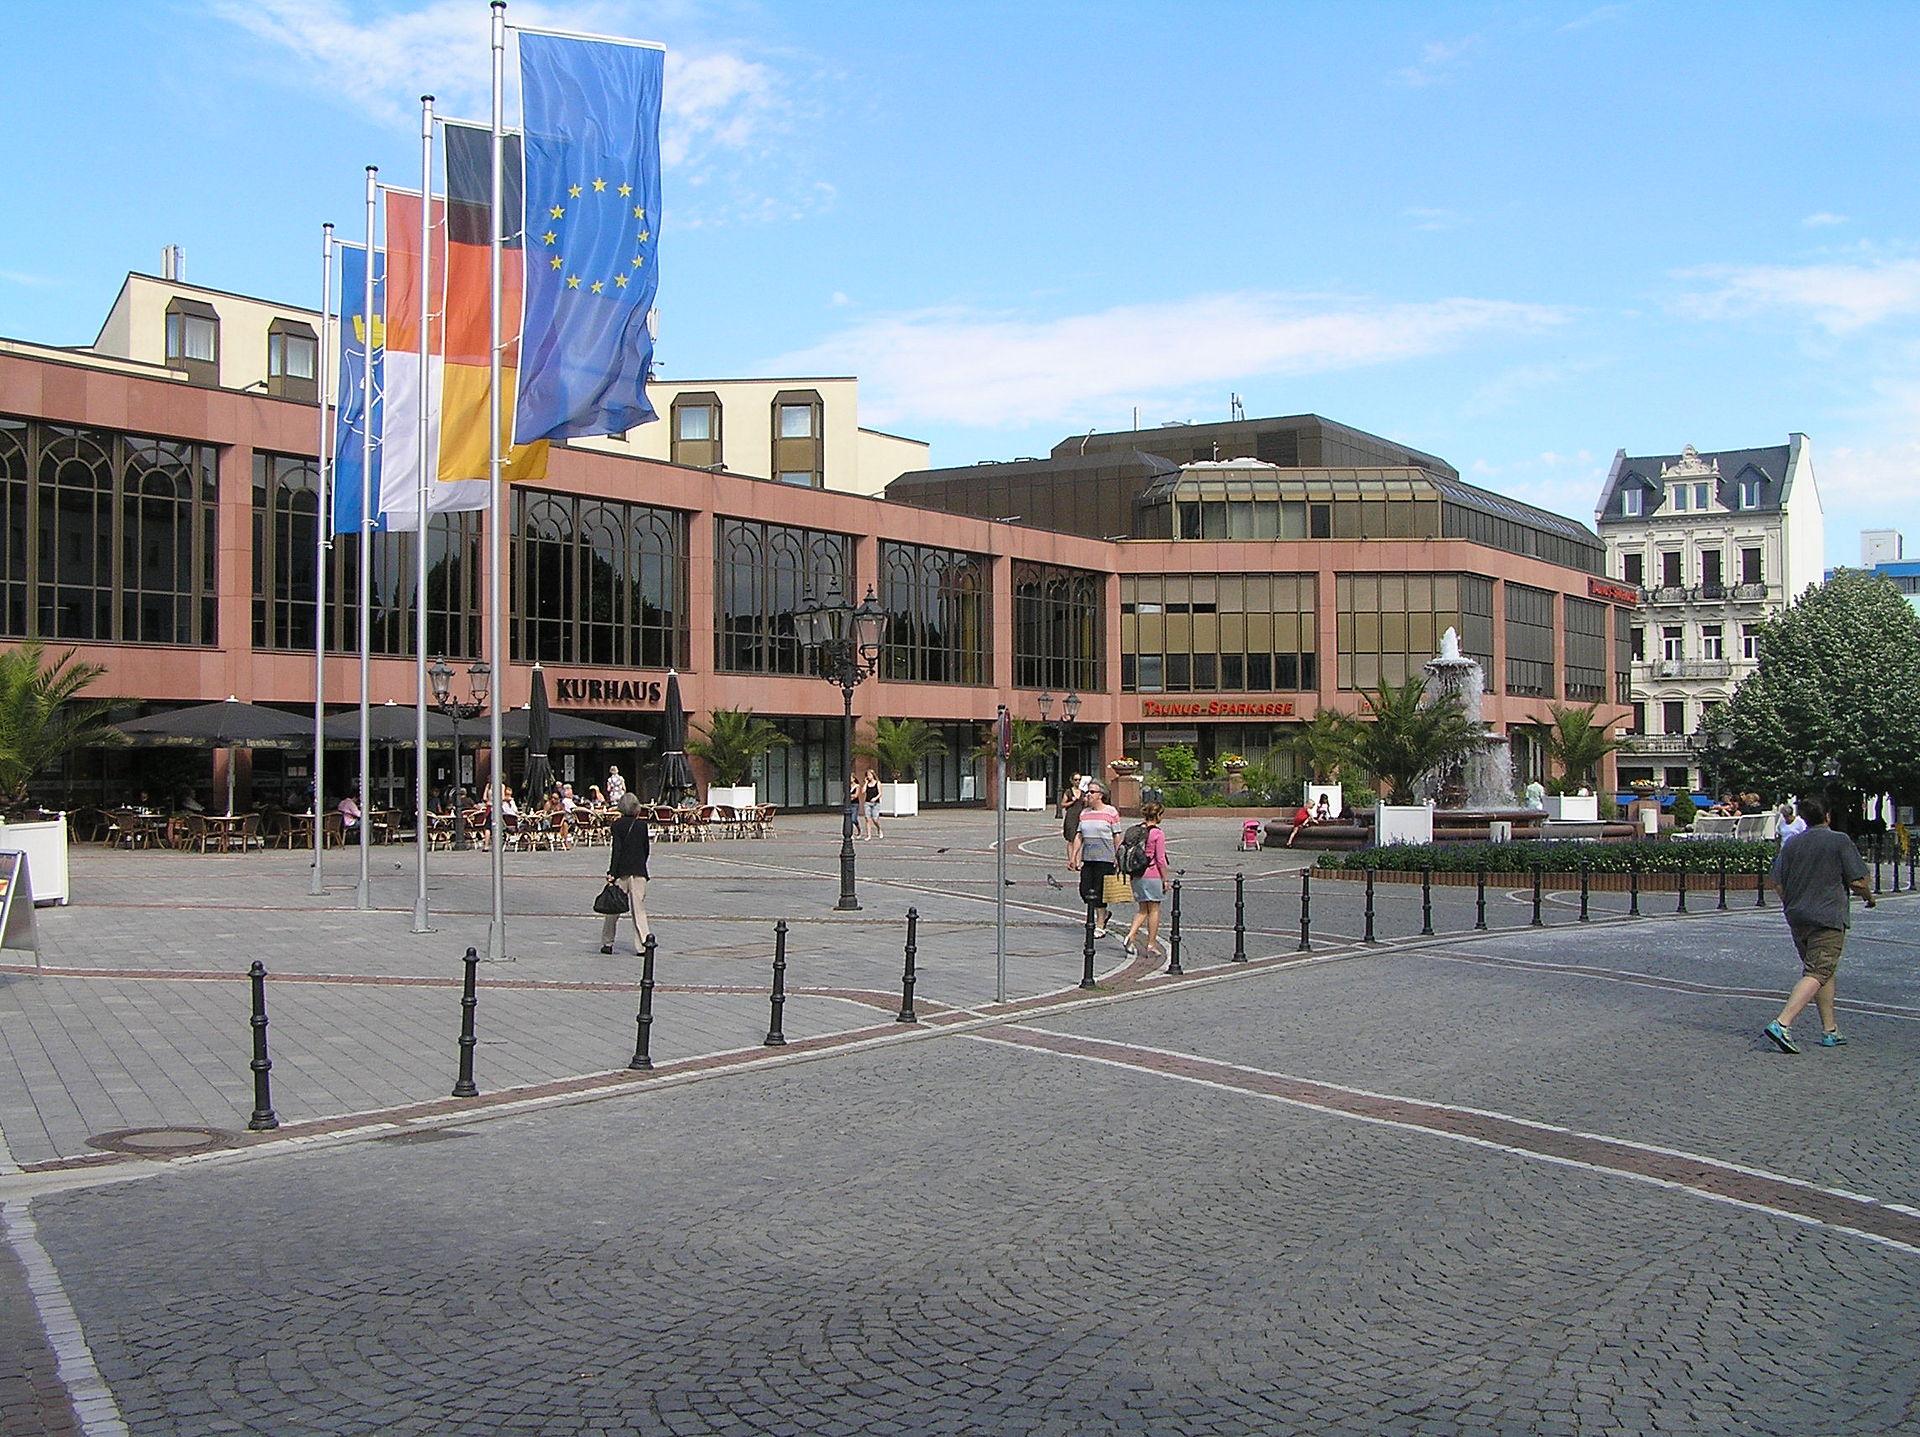 Kurhaus Bad Homburg – Wikipedia